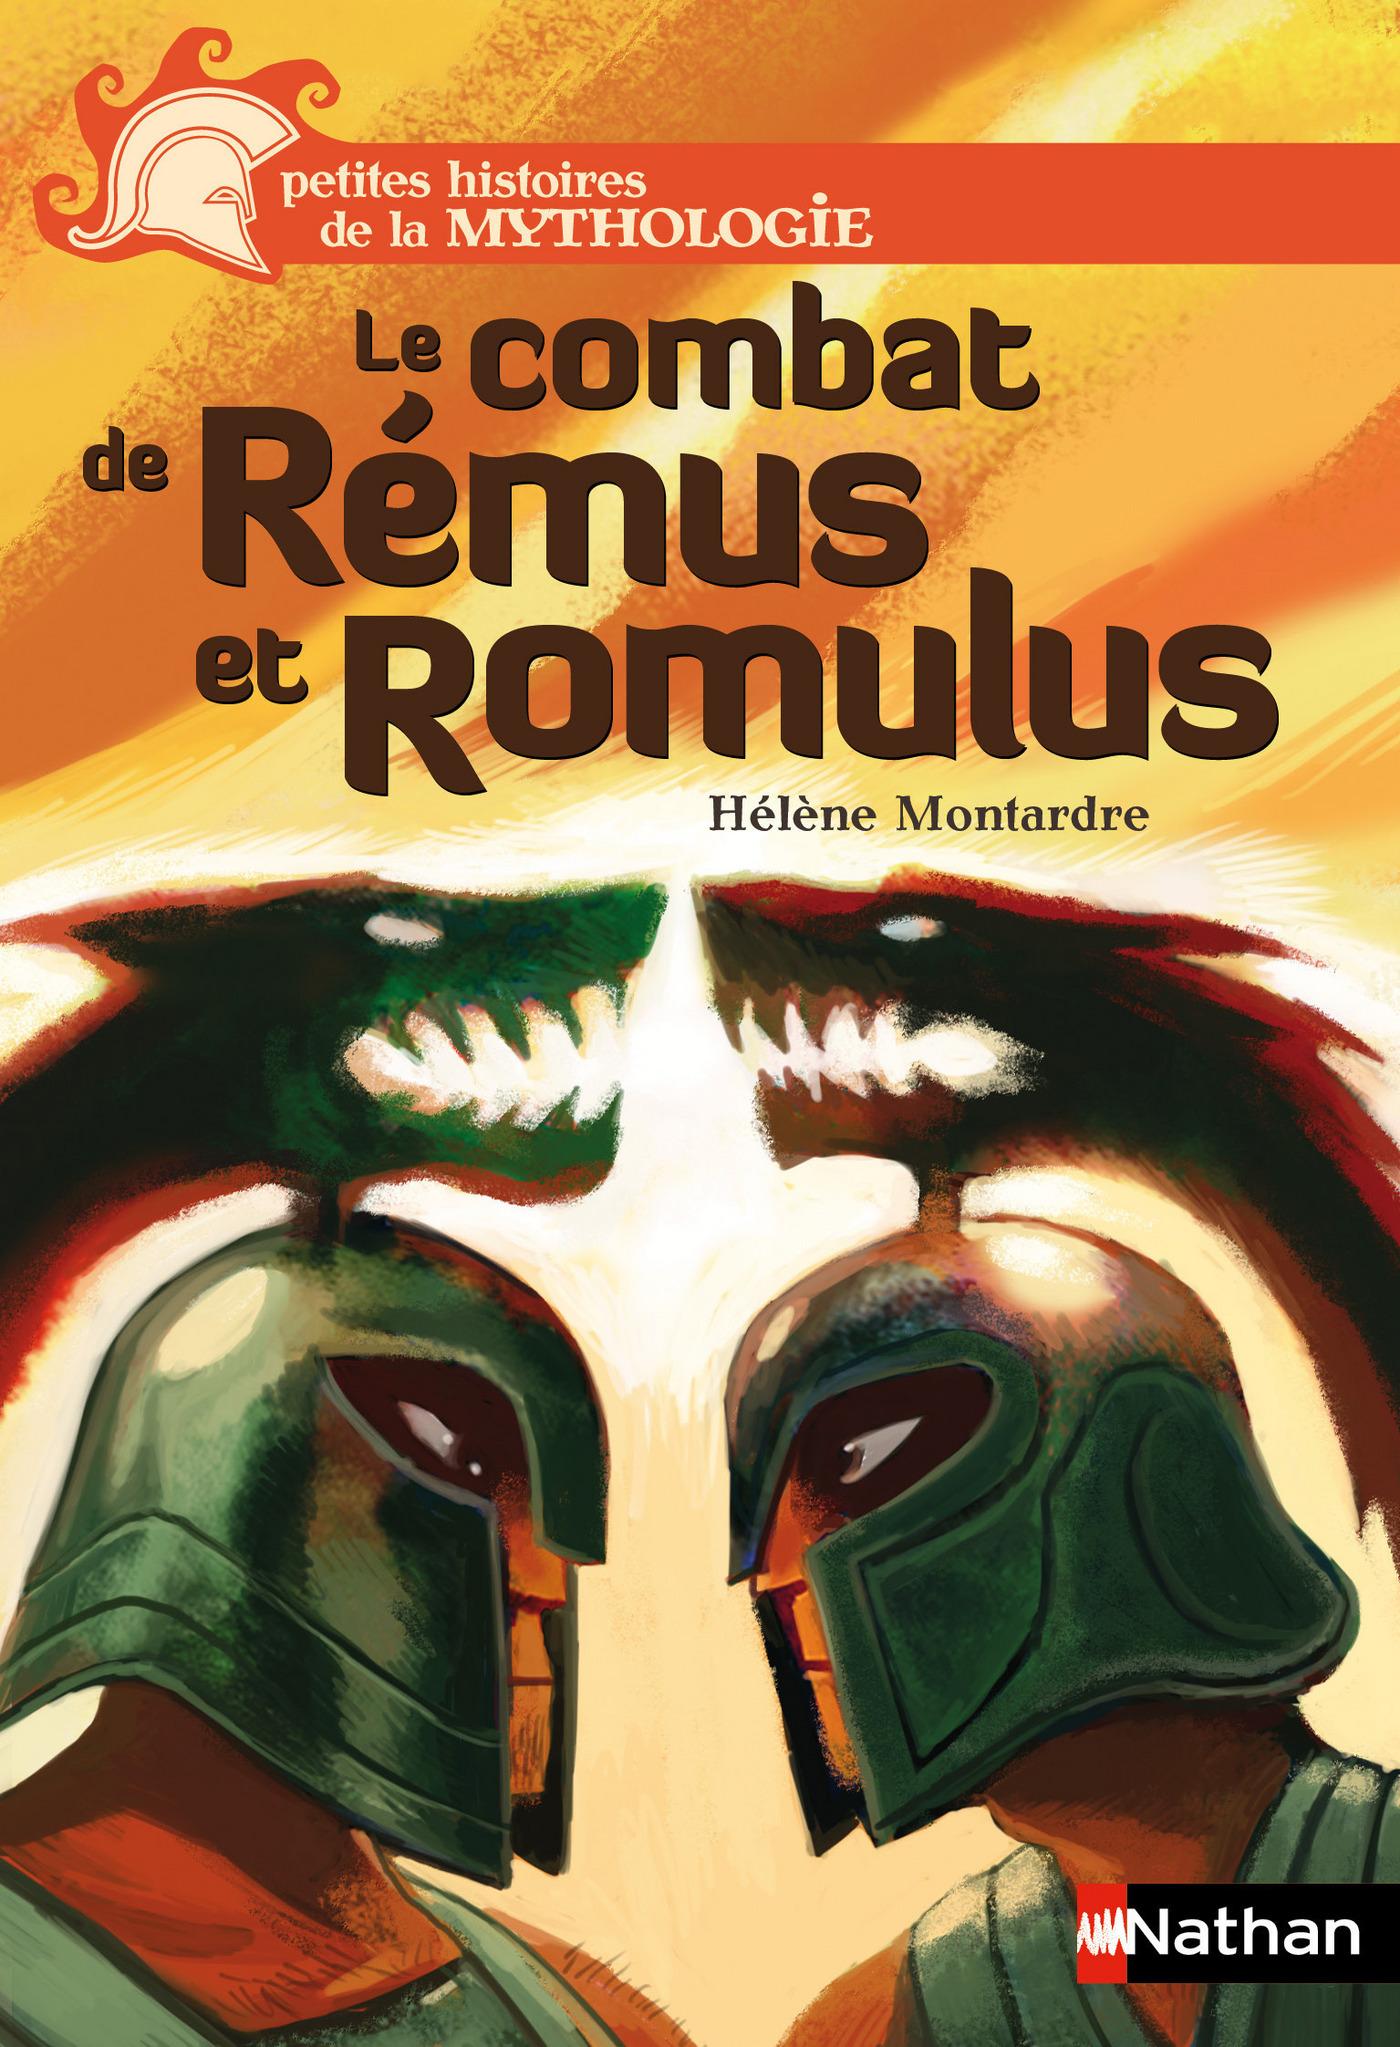 Le combat de Rémus et Romulus (ebook)